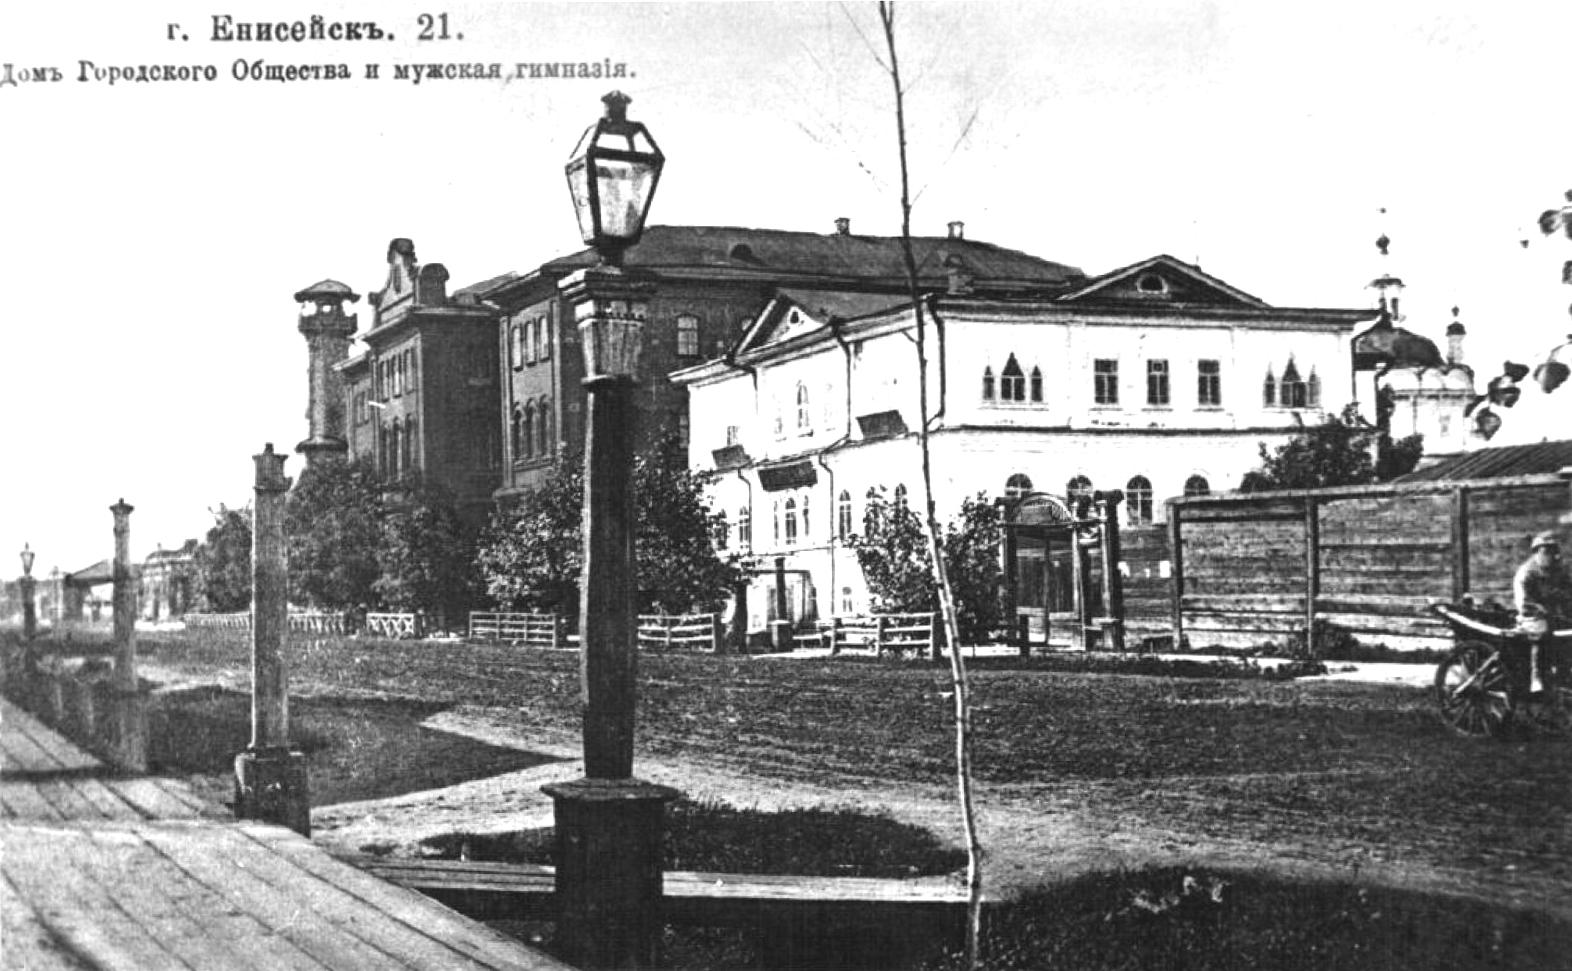 Дом Городского Общества и Мужская гимназия